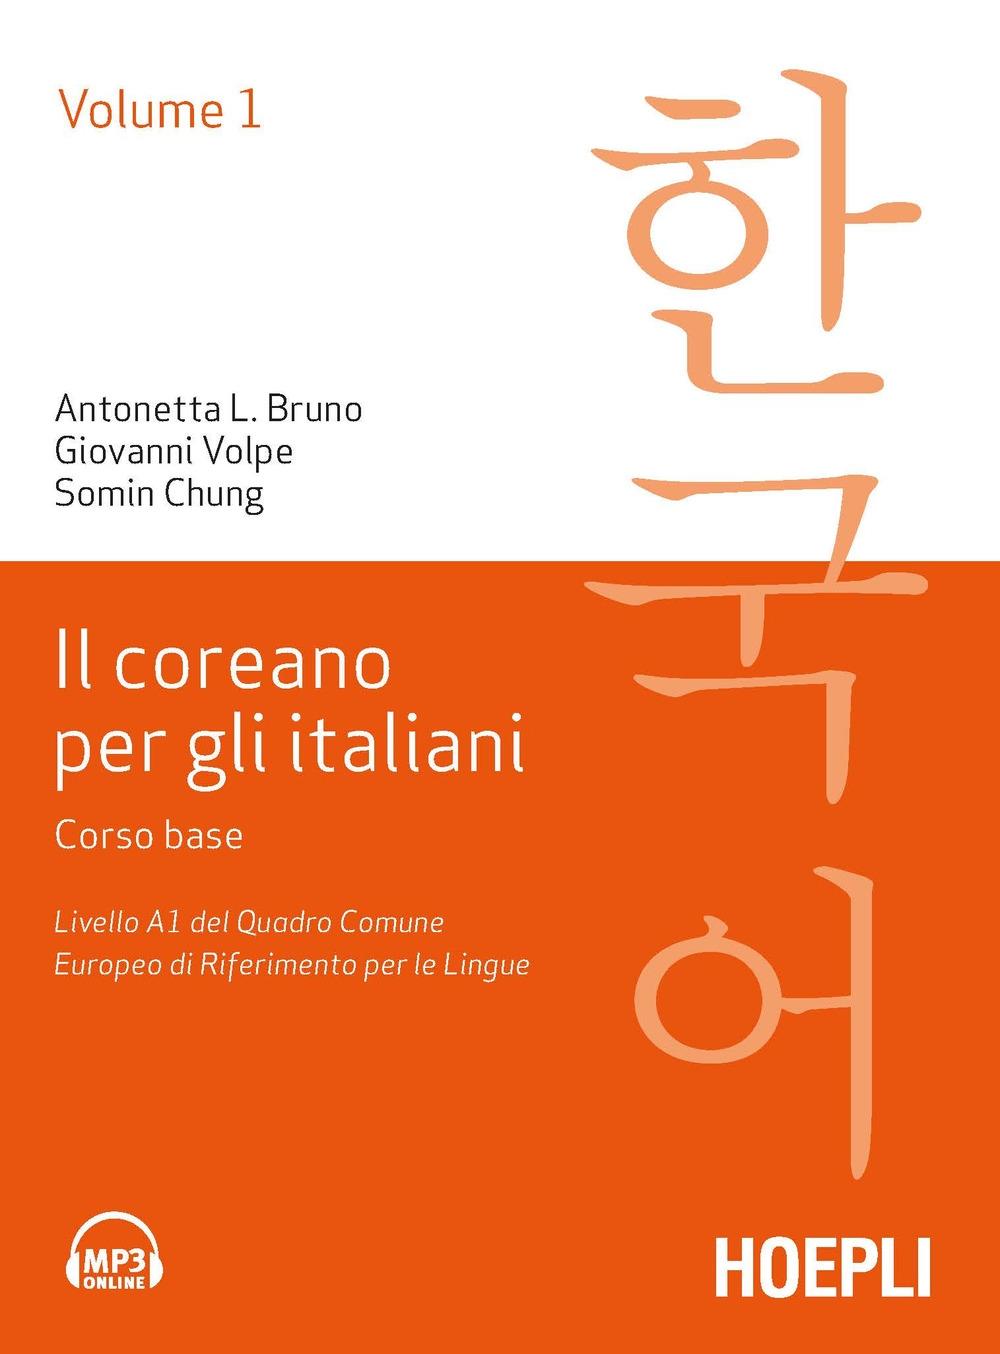 Il coreano per italiani. Vol. 1: Corso base. Livello A1 del quadro comune europeo di riferimento per le lingue